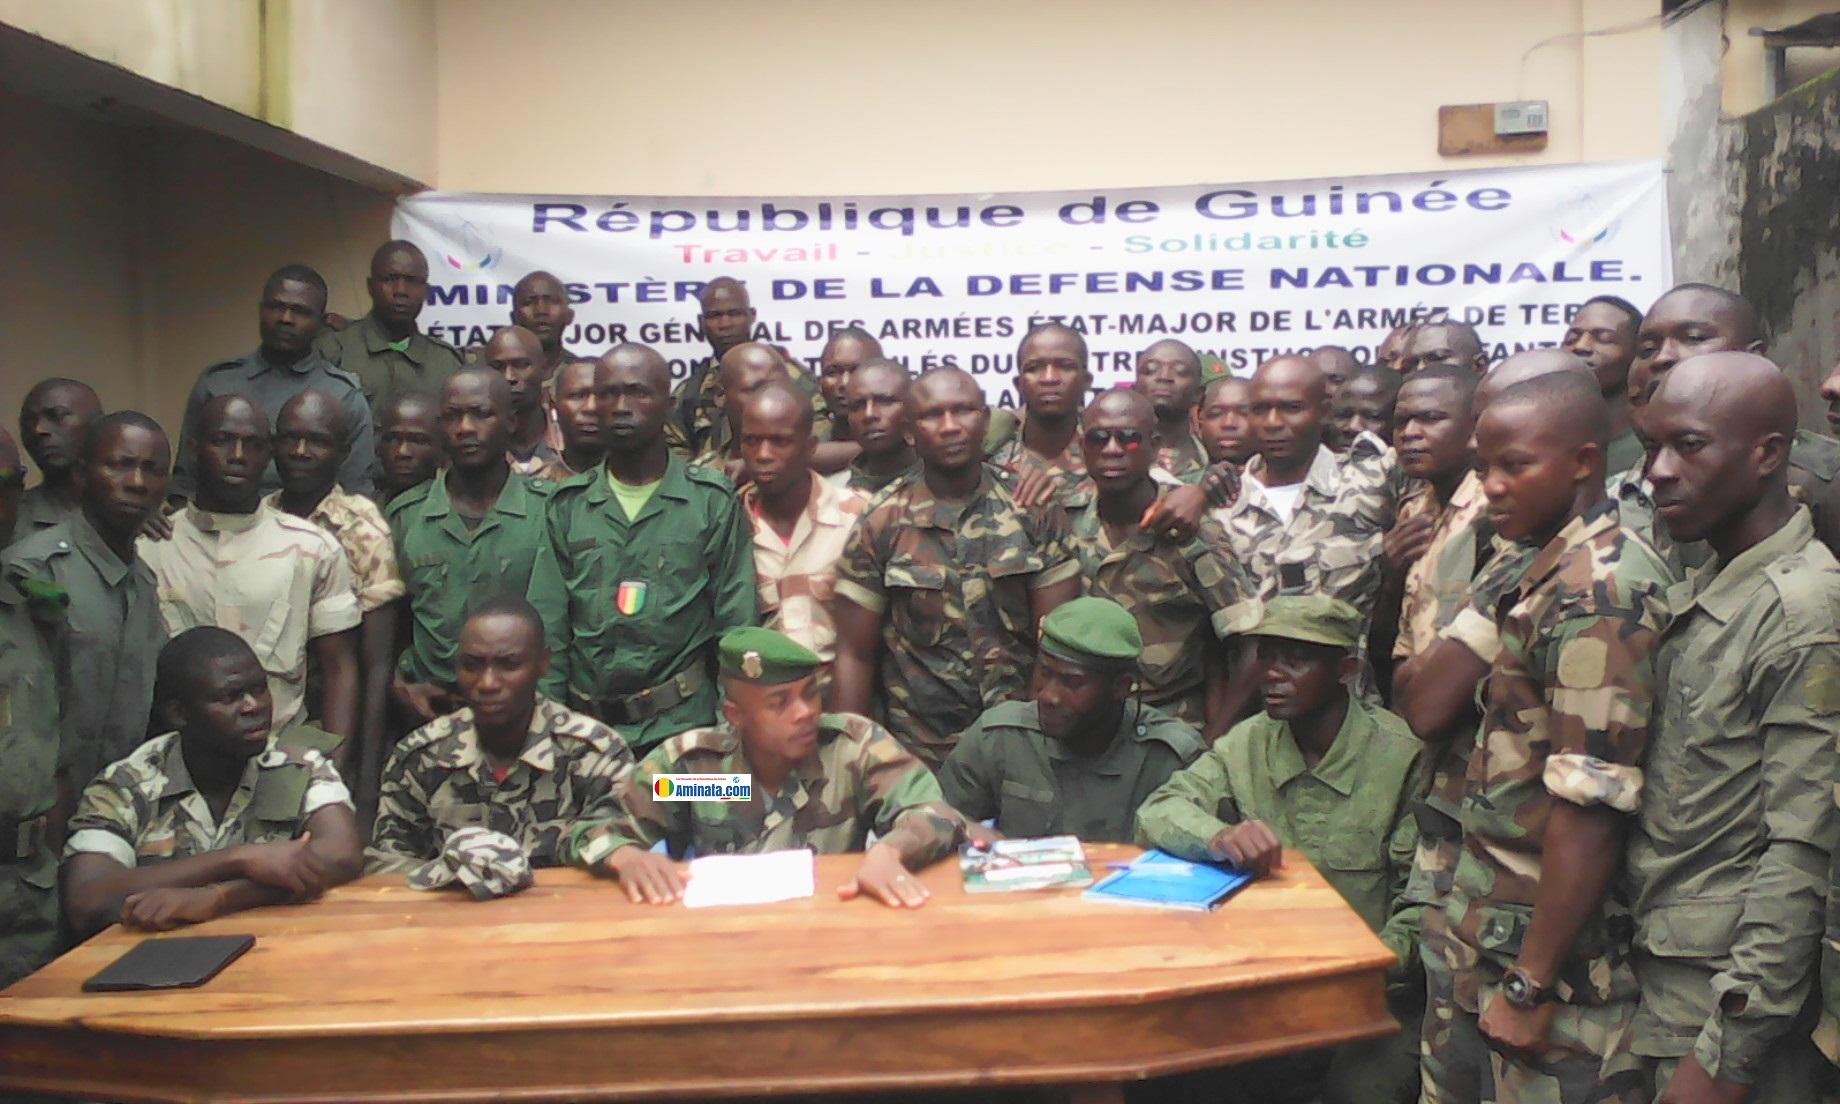 Un groupe des militaires radiés de l'armée depuis 8 ans